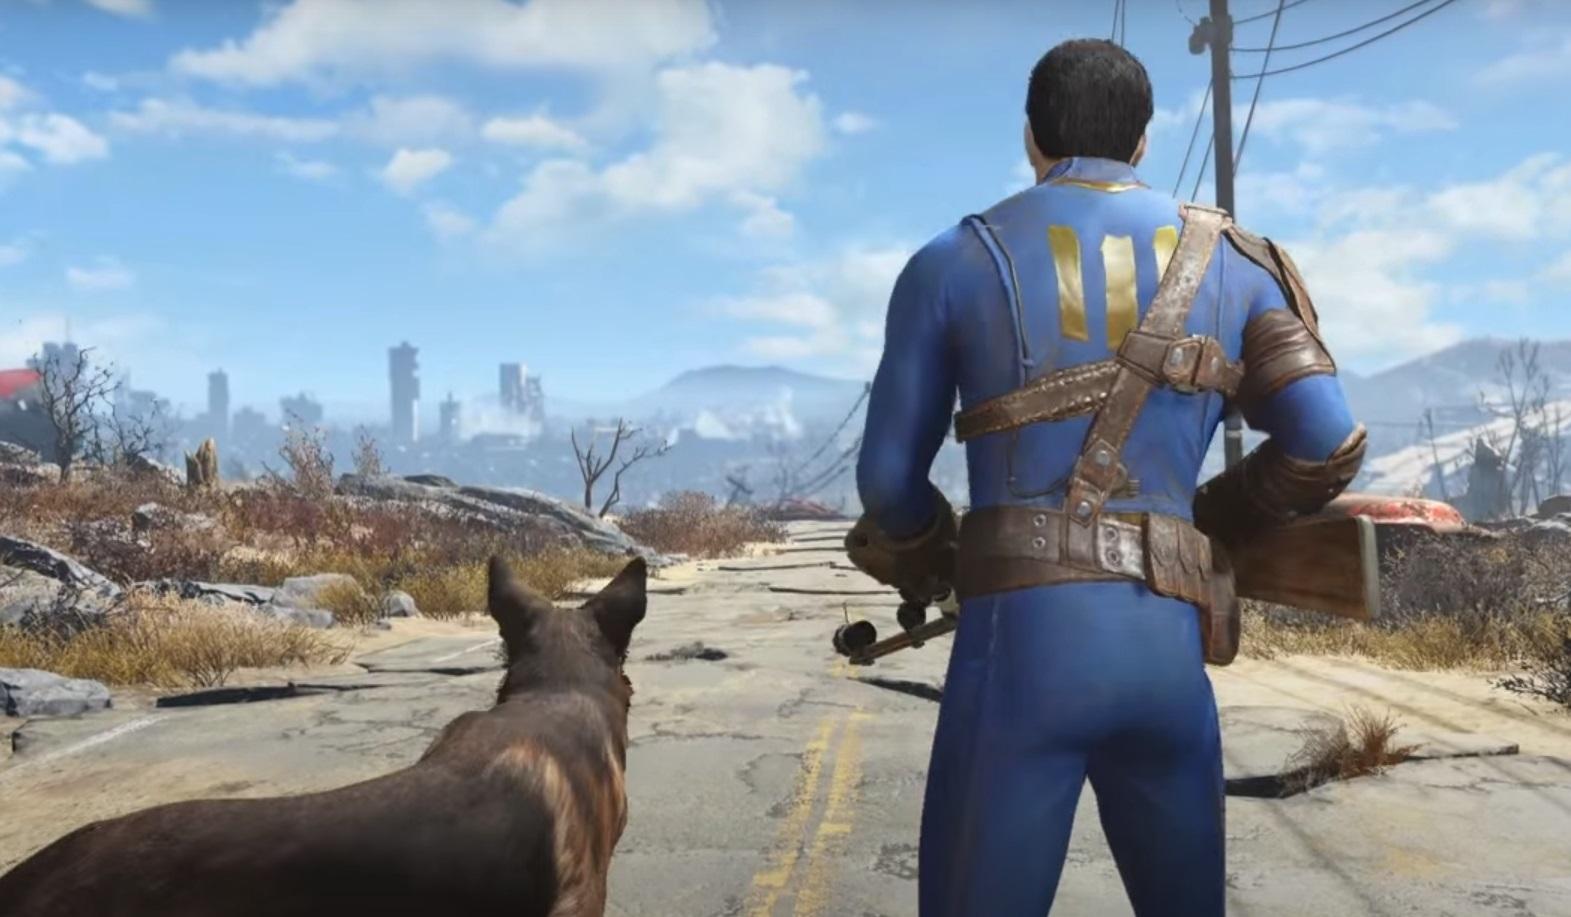 Bohater gry Fallout 4 z psem u boku na opustoszałej, spękanej drodze